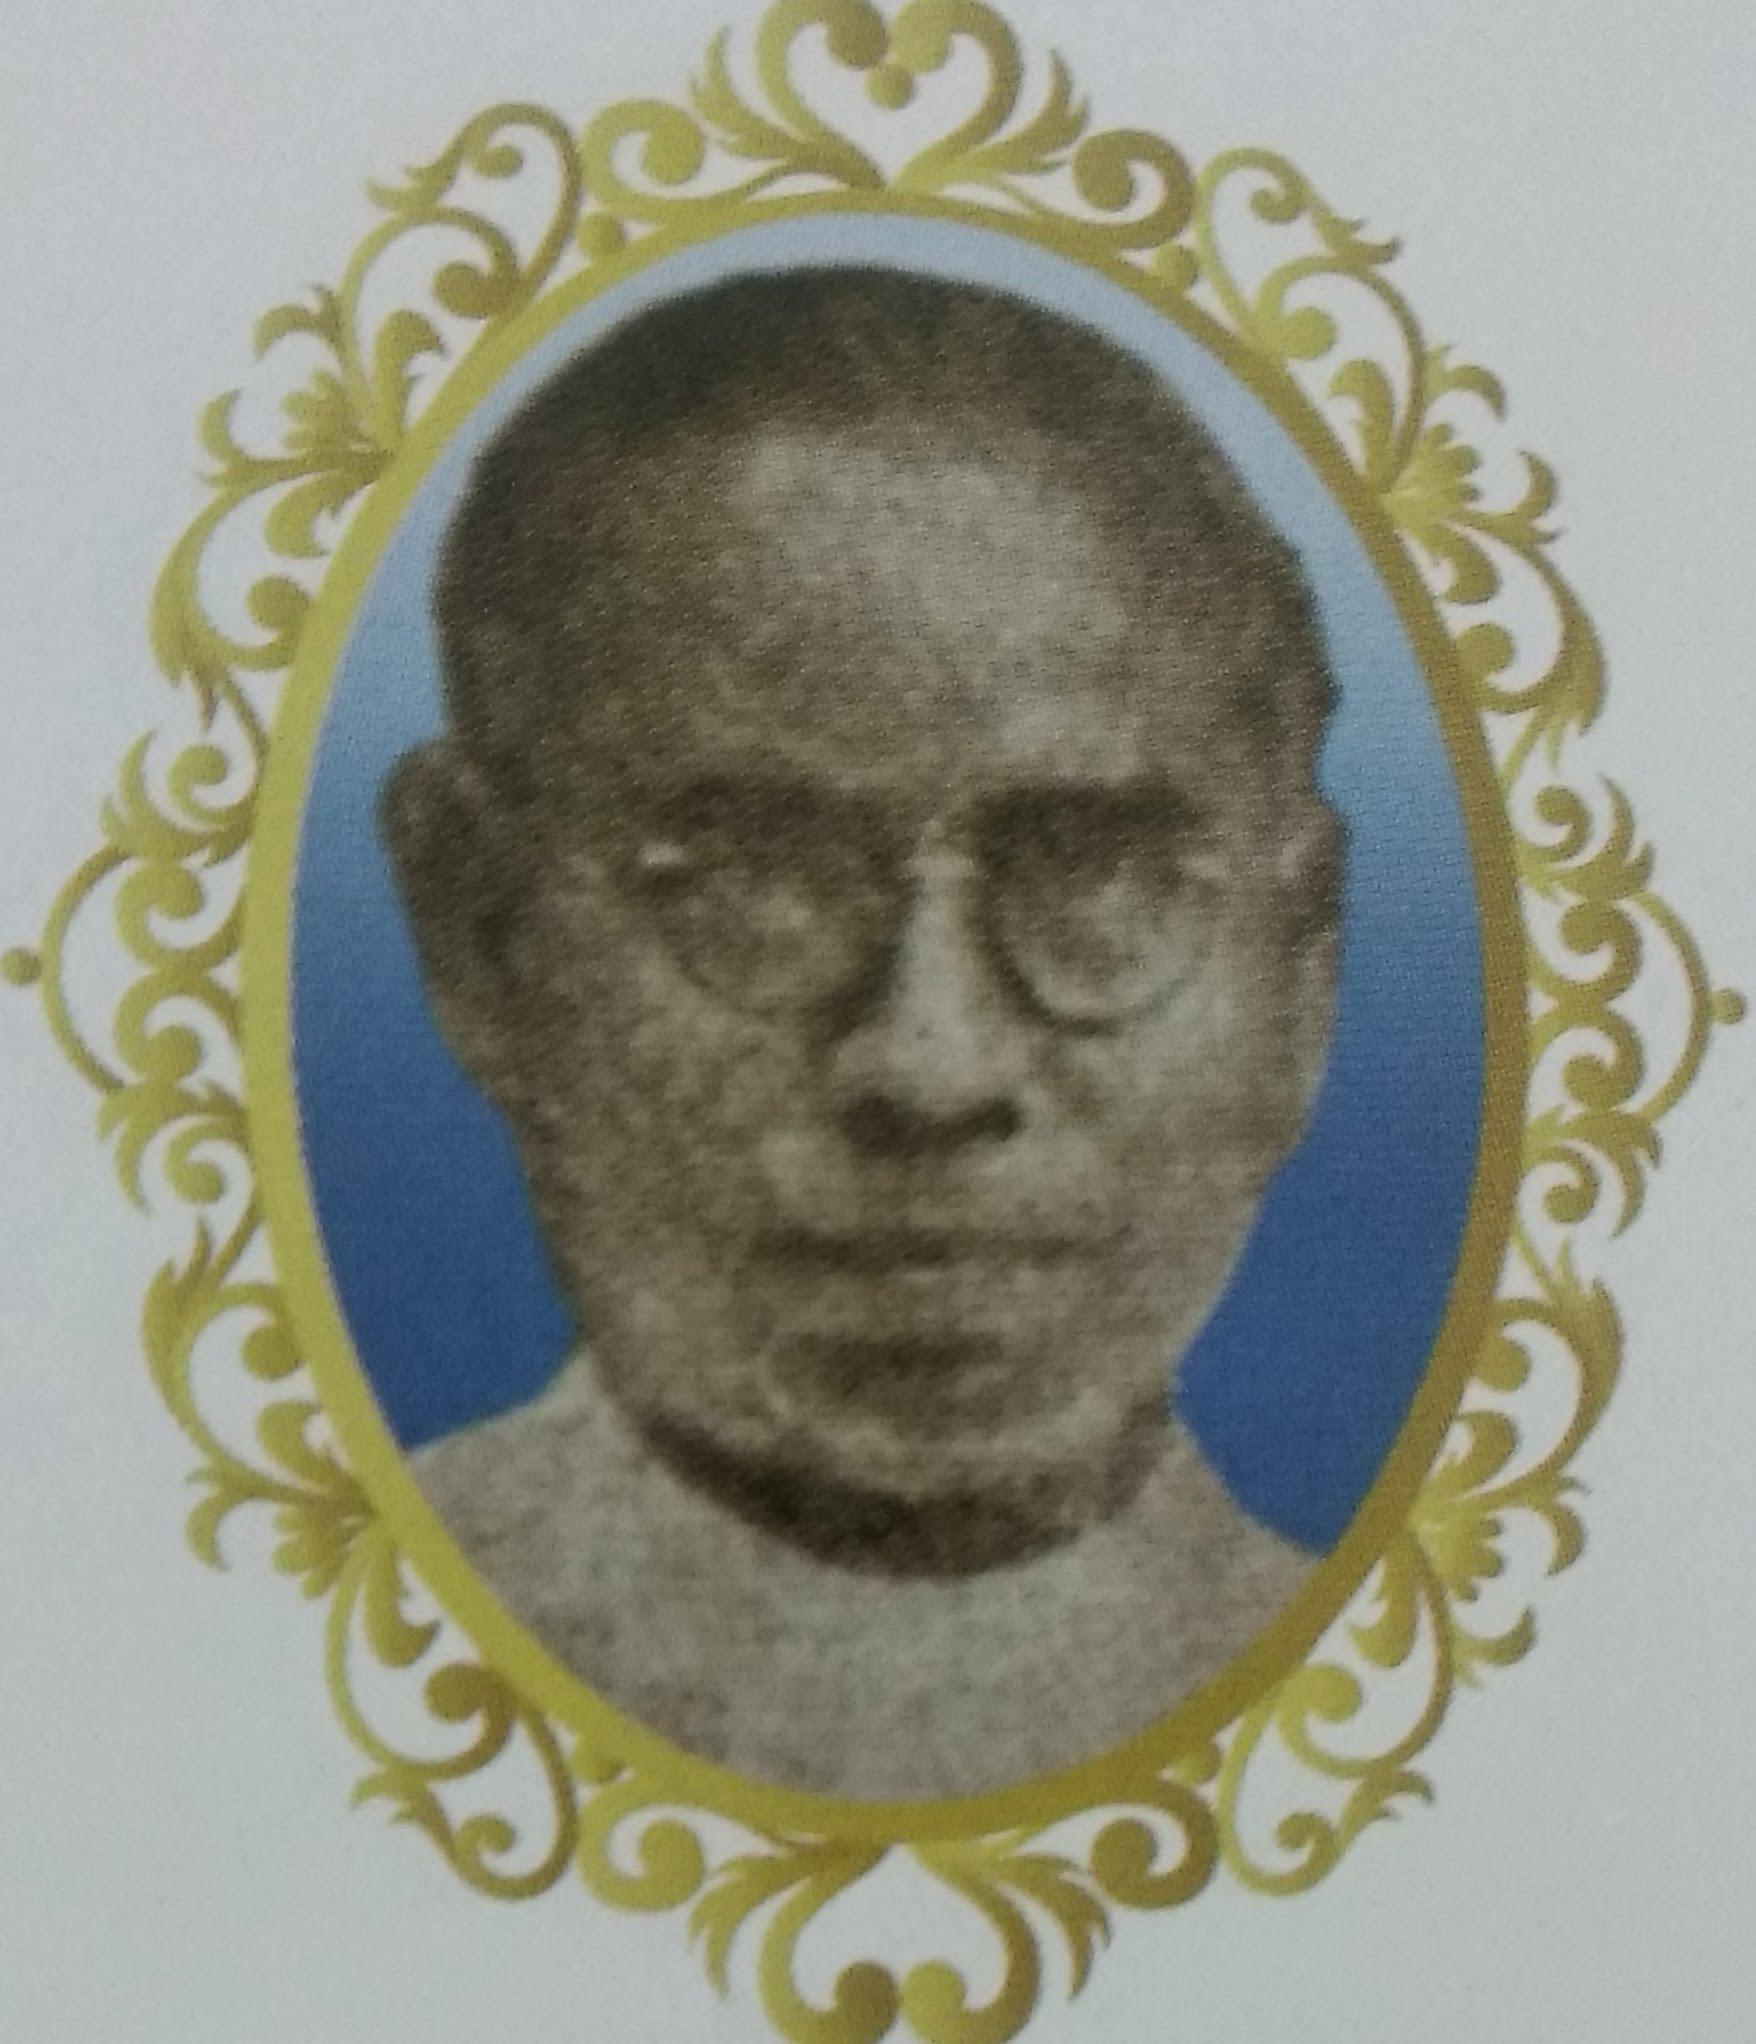 Fr. Joseph Ollattpuram